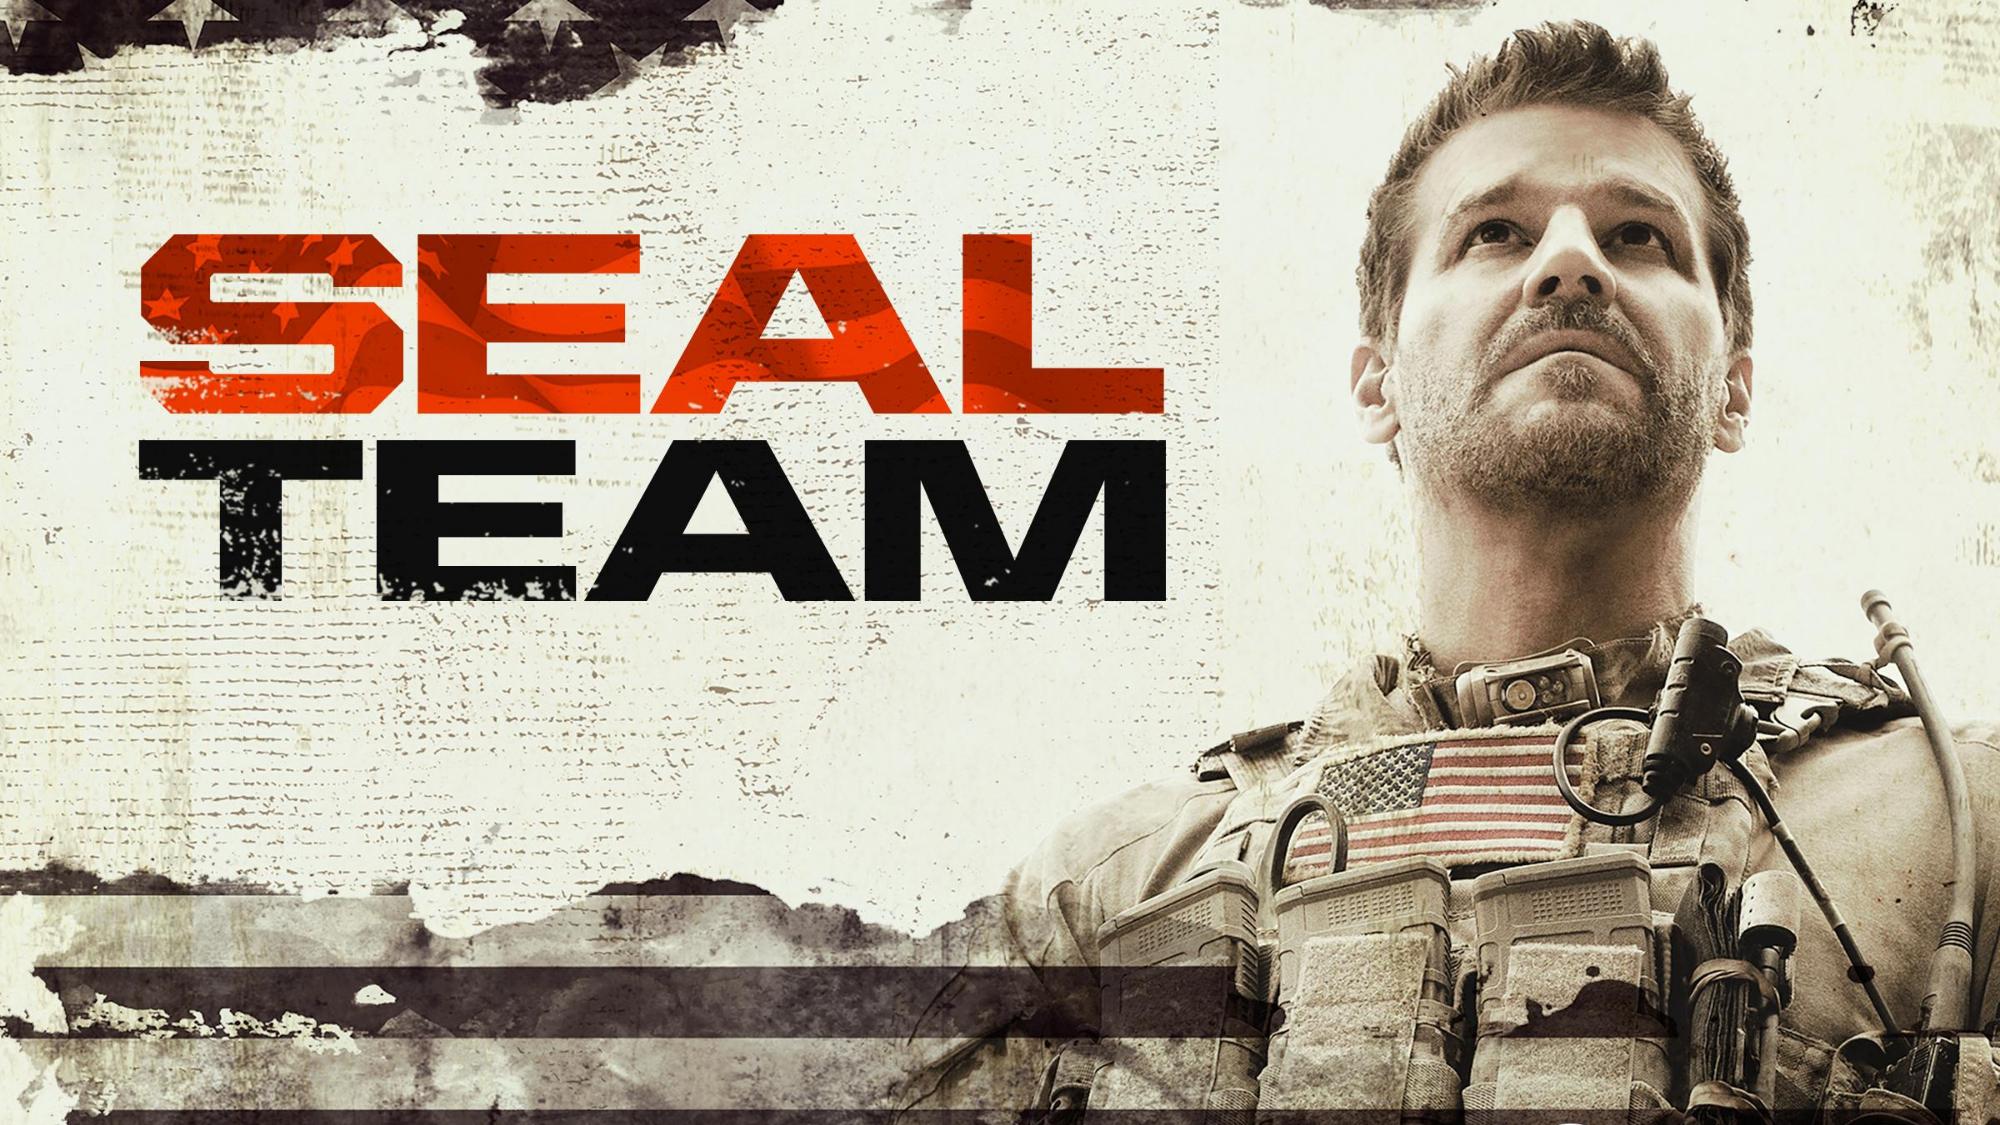 美剧《海豹突击队》(Seal Team)S01E03战术解析